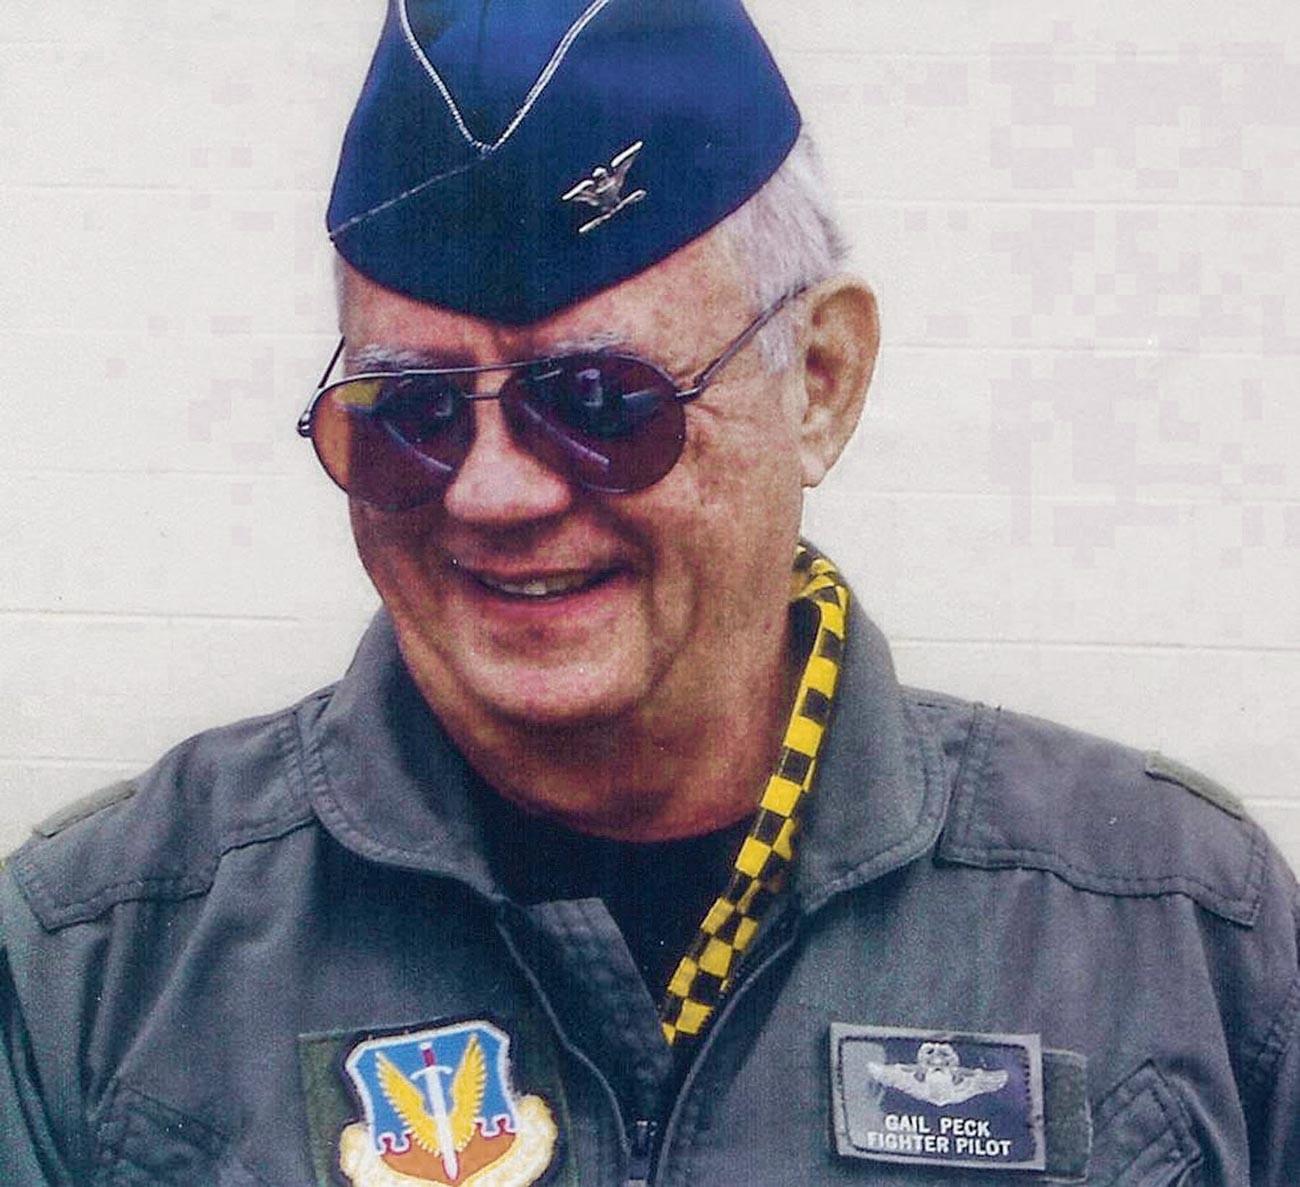 ゲイル・ペック大佐